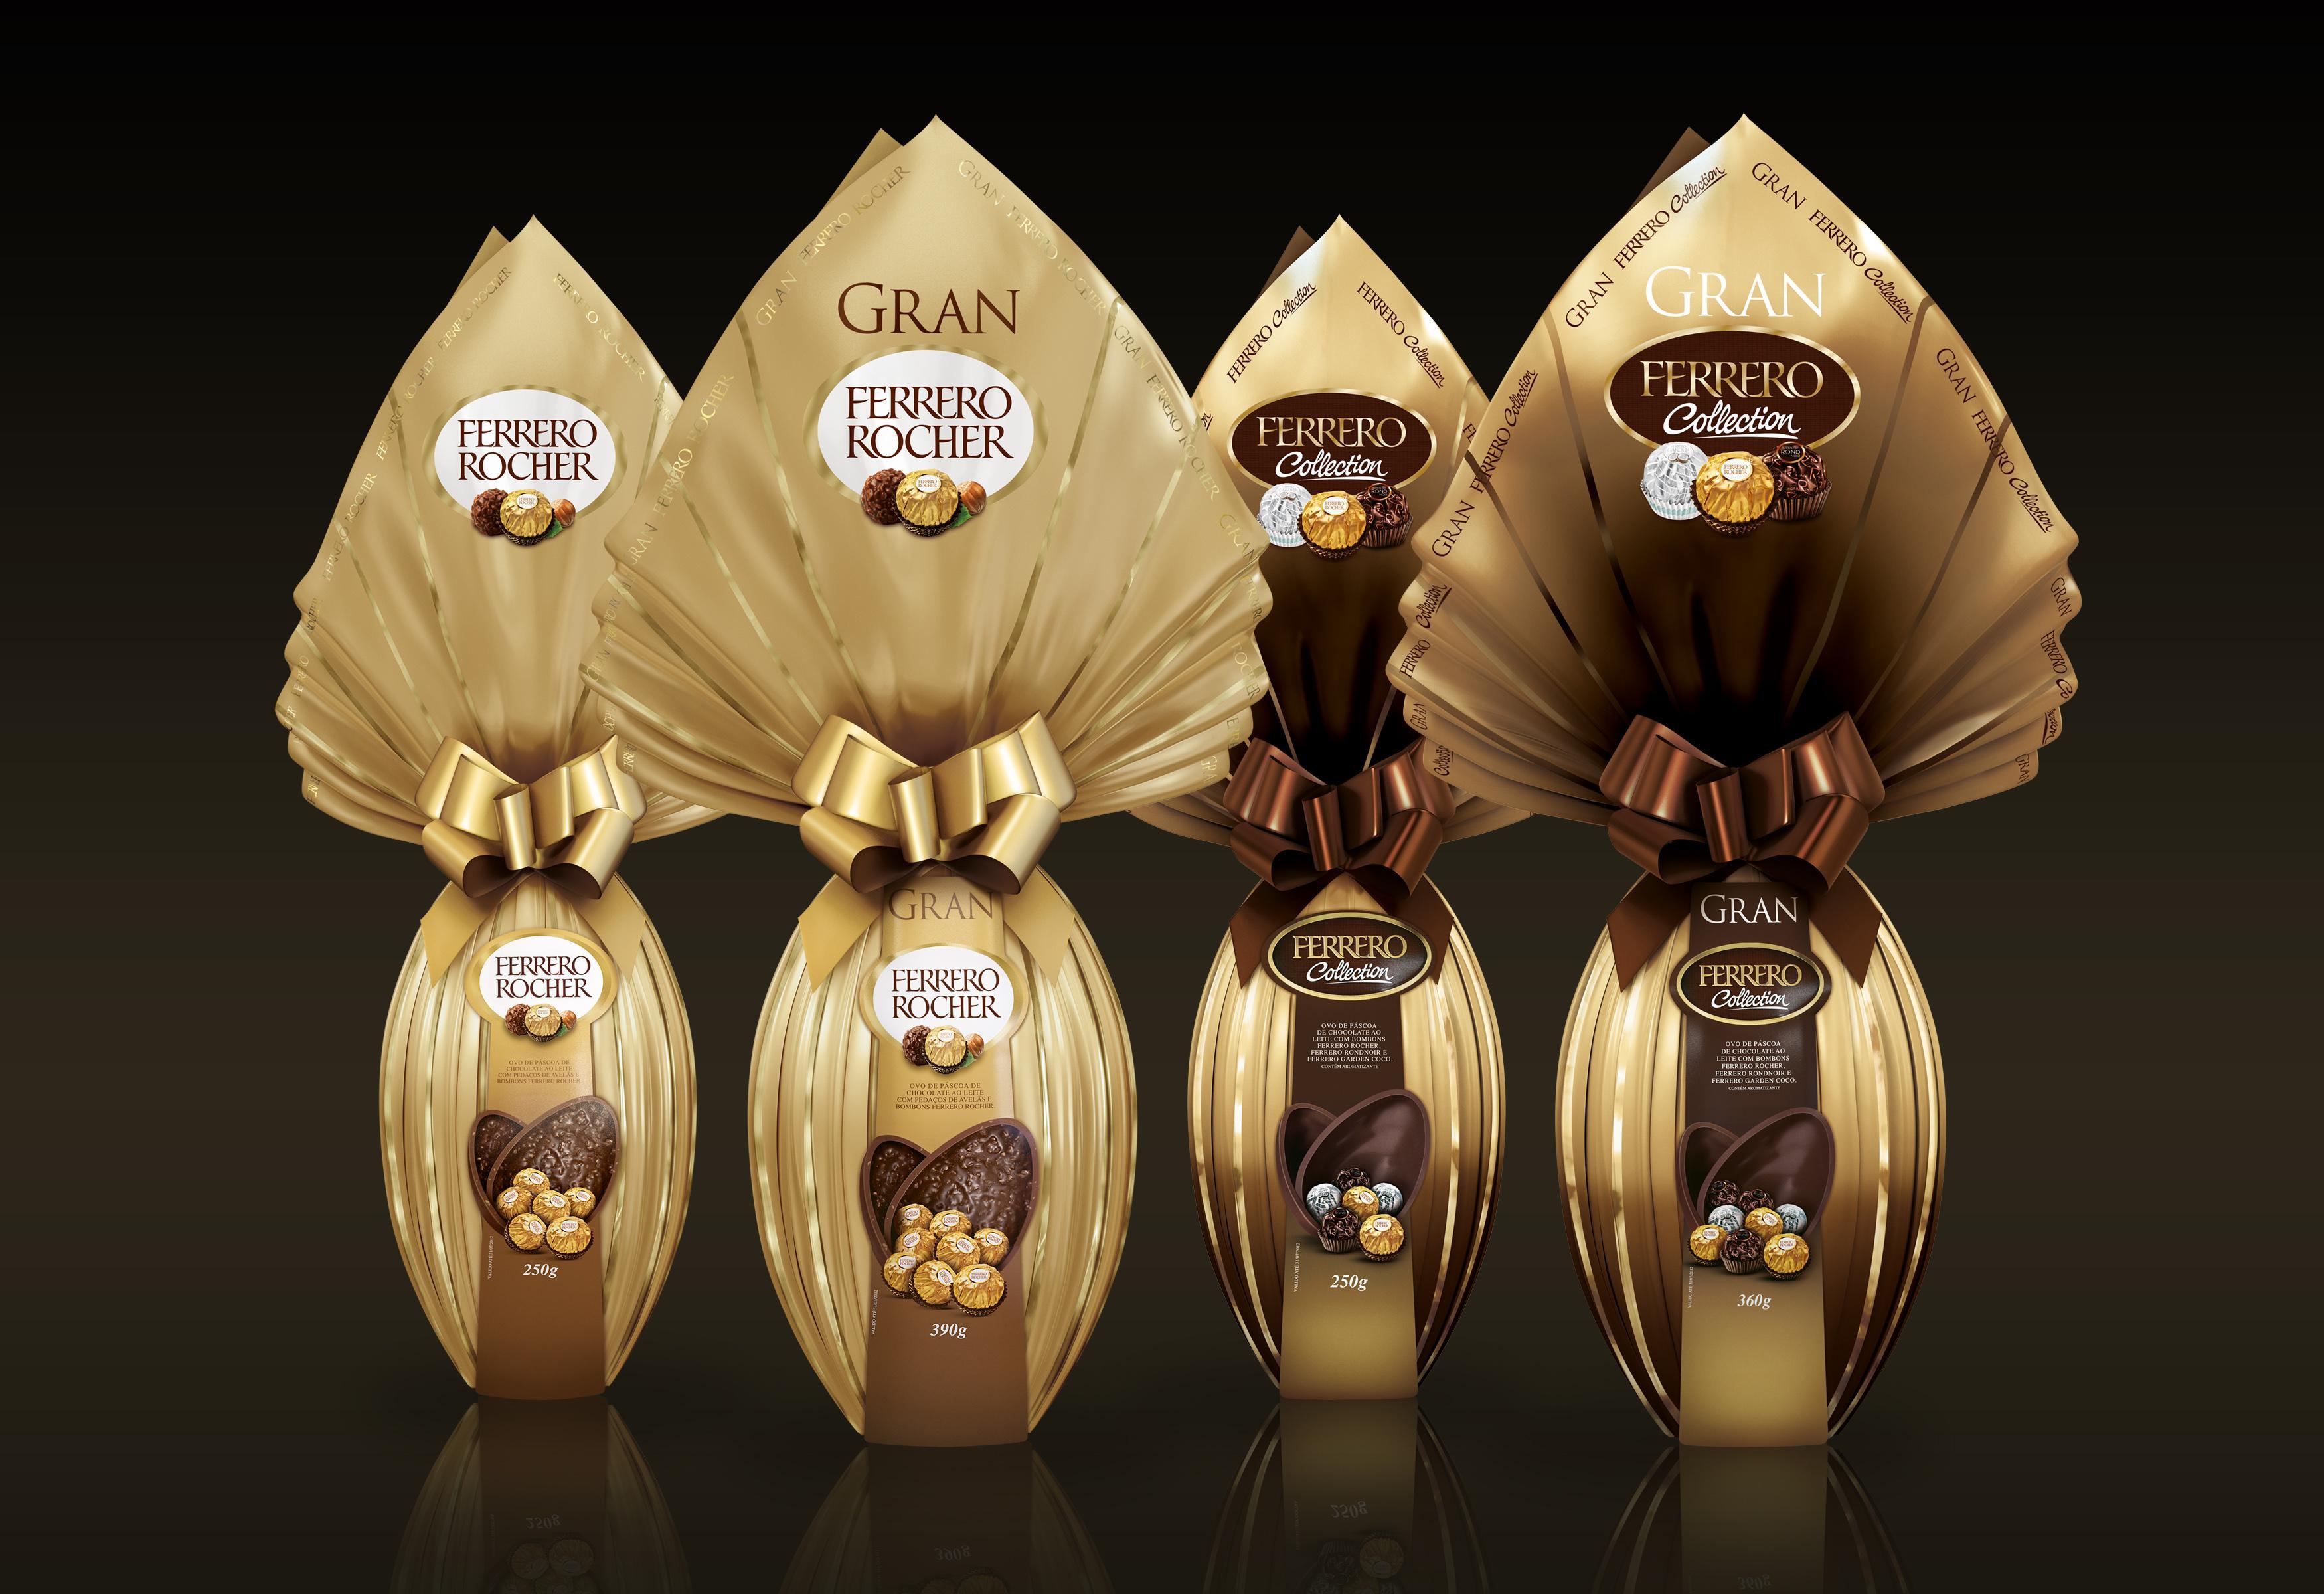 Ovo de Páscoa Ferrero Rocher (Foto: Divulgação/Ferrero Rocher)